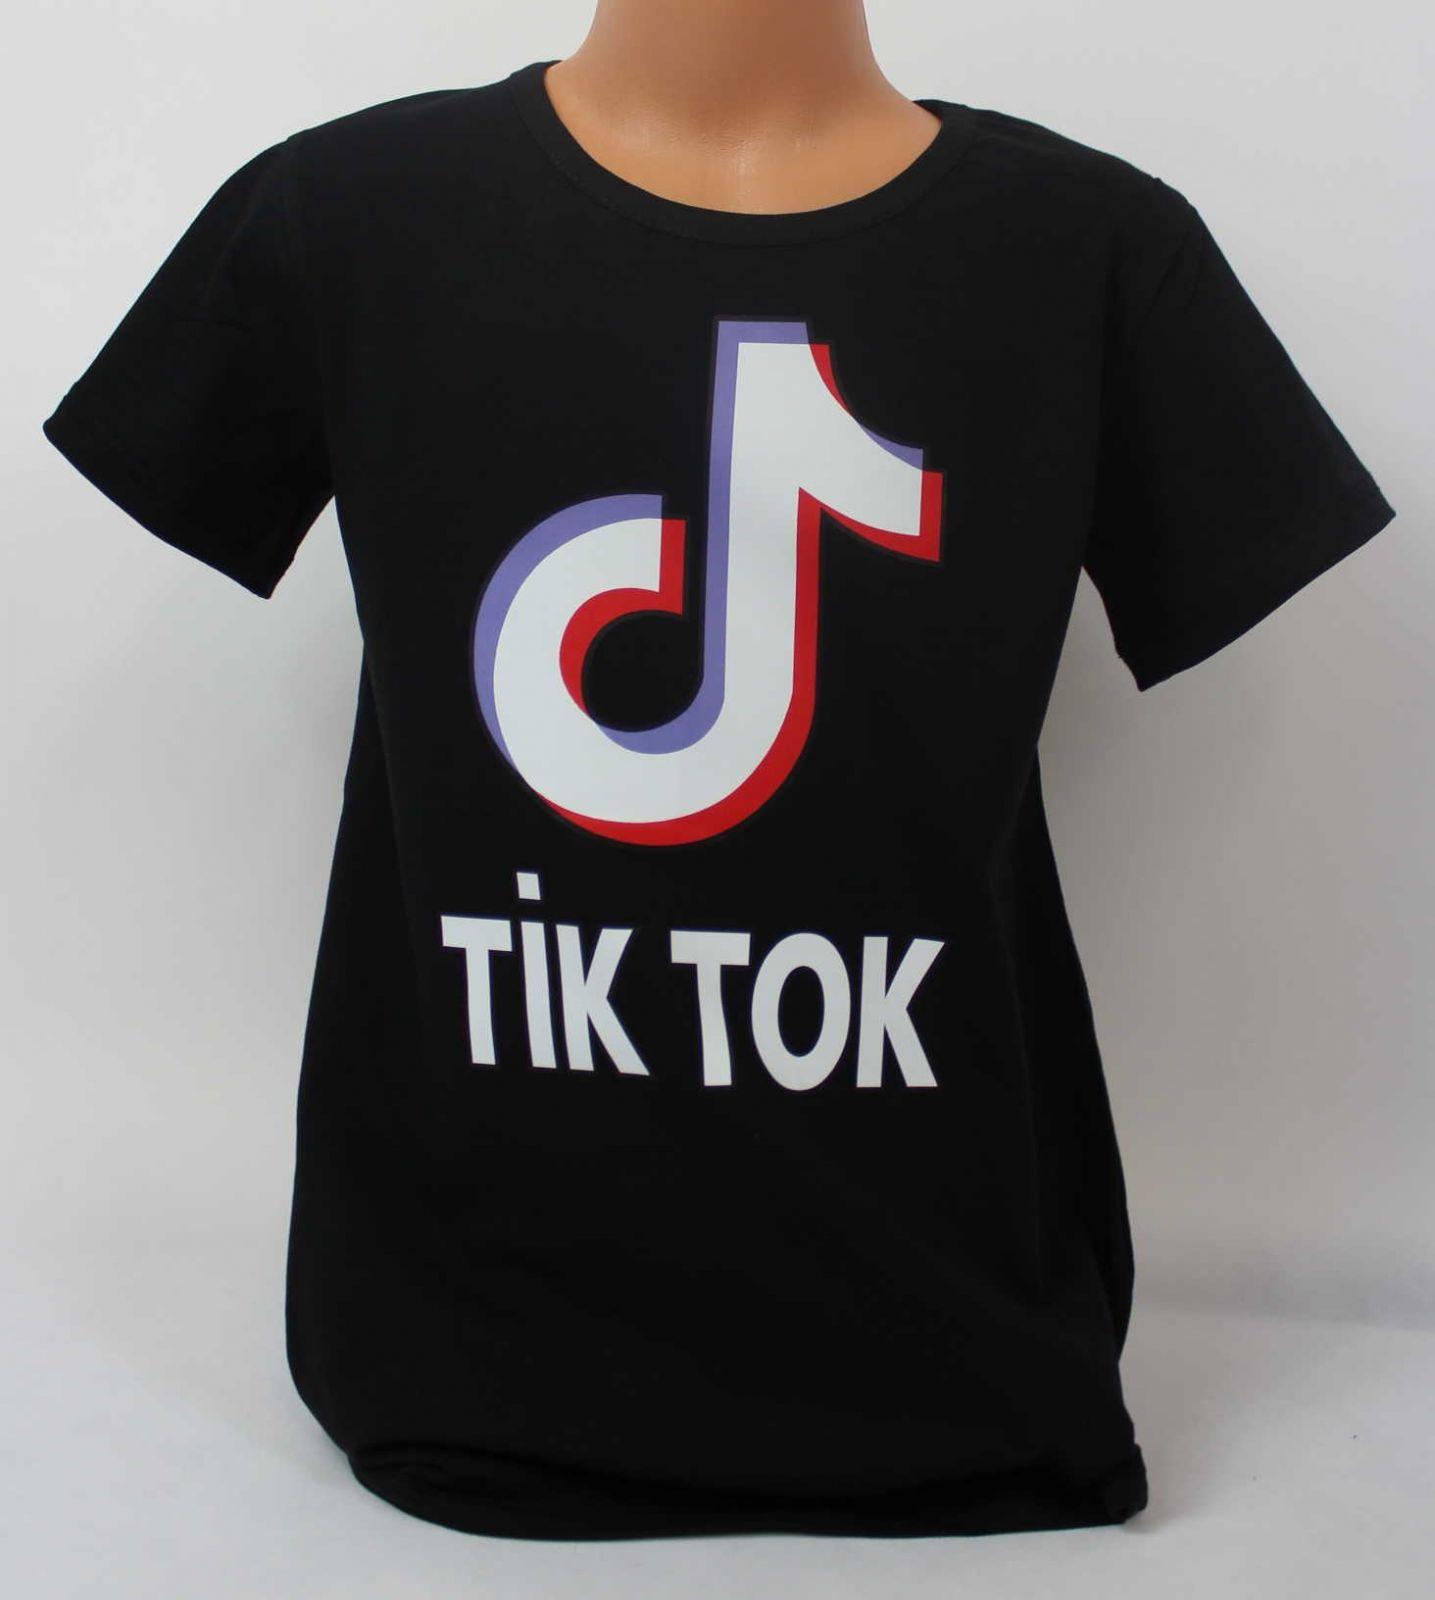 dívčí tričko Tik Tok, triko krátký rukáv Tik Tok,černé bavlněné tričko Tik Tok, Tik Tok oblečení, dětské tričko Tik Tok